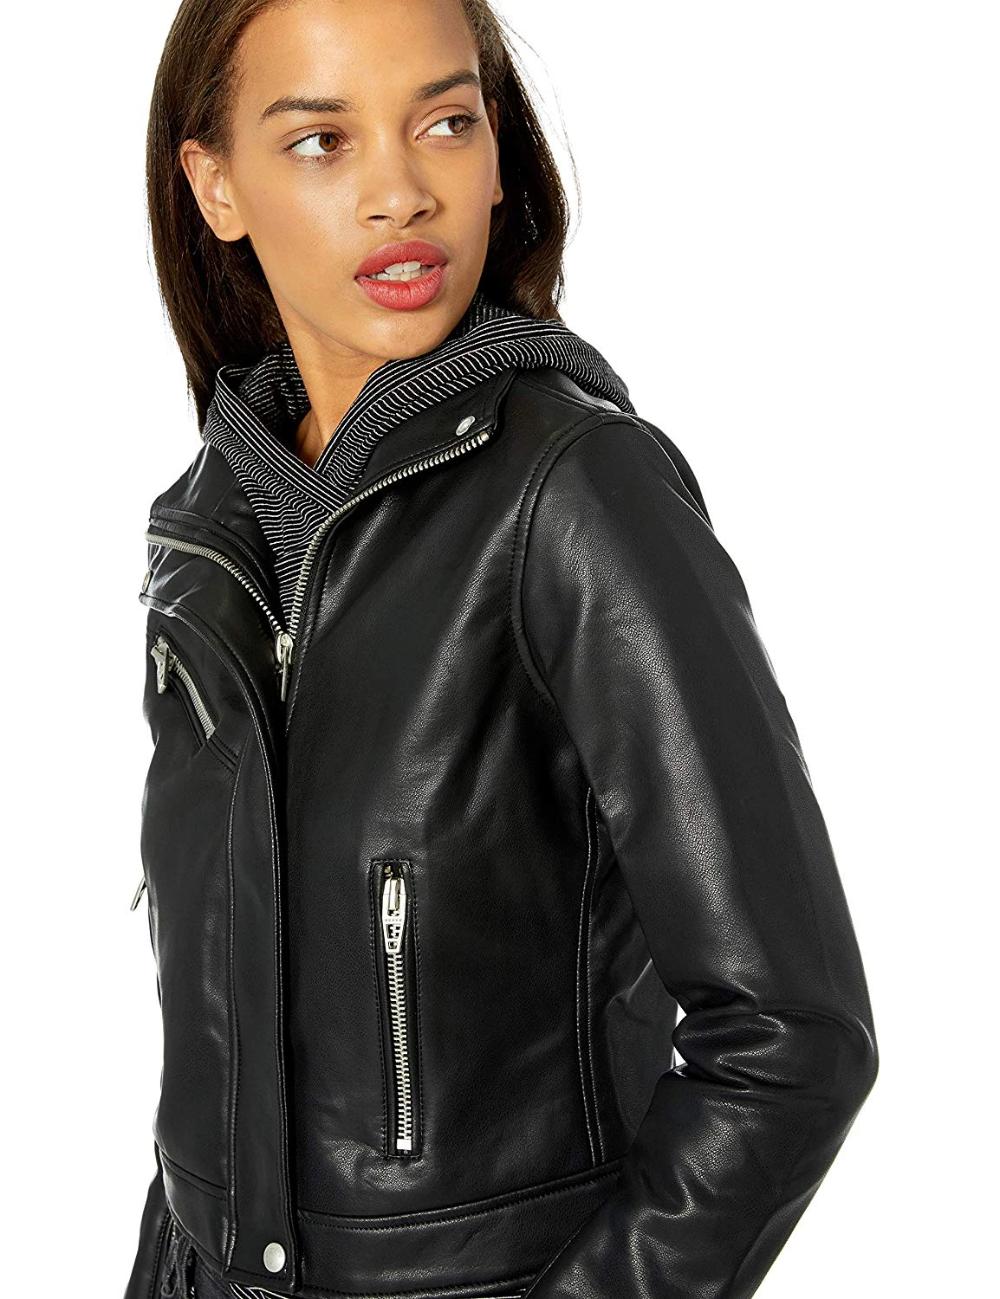 Blanknyc Women S Vegan Leather Faux Leather Jacket Women Leather Jackets Women Collarless Leather Jacket [ 1299 x 1000 Pixel ]